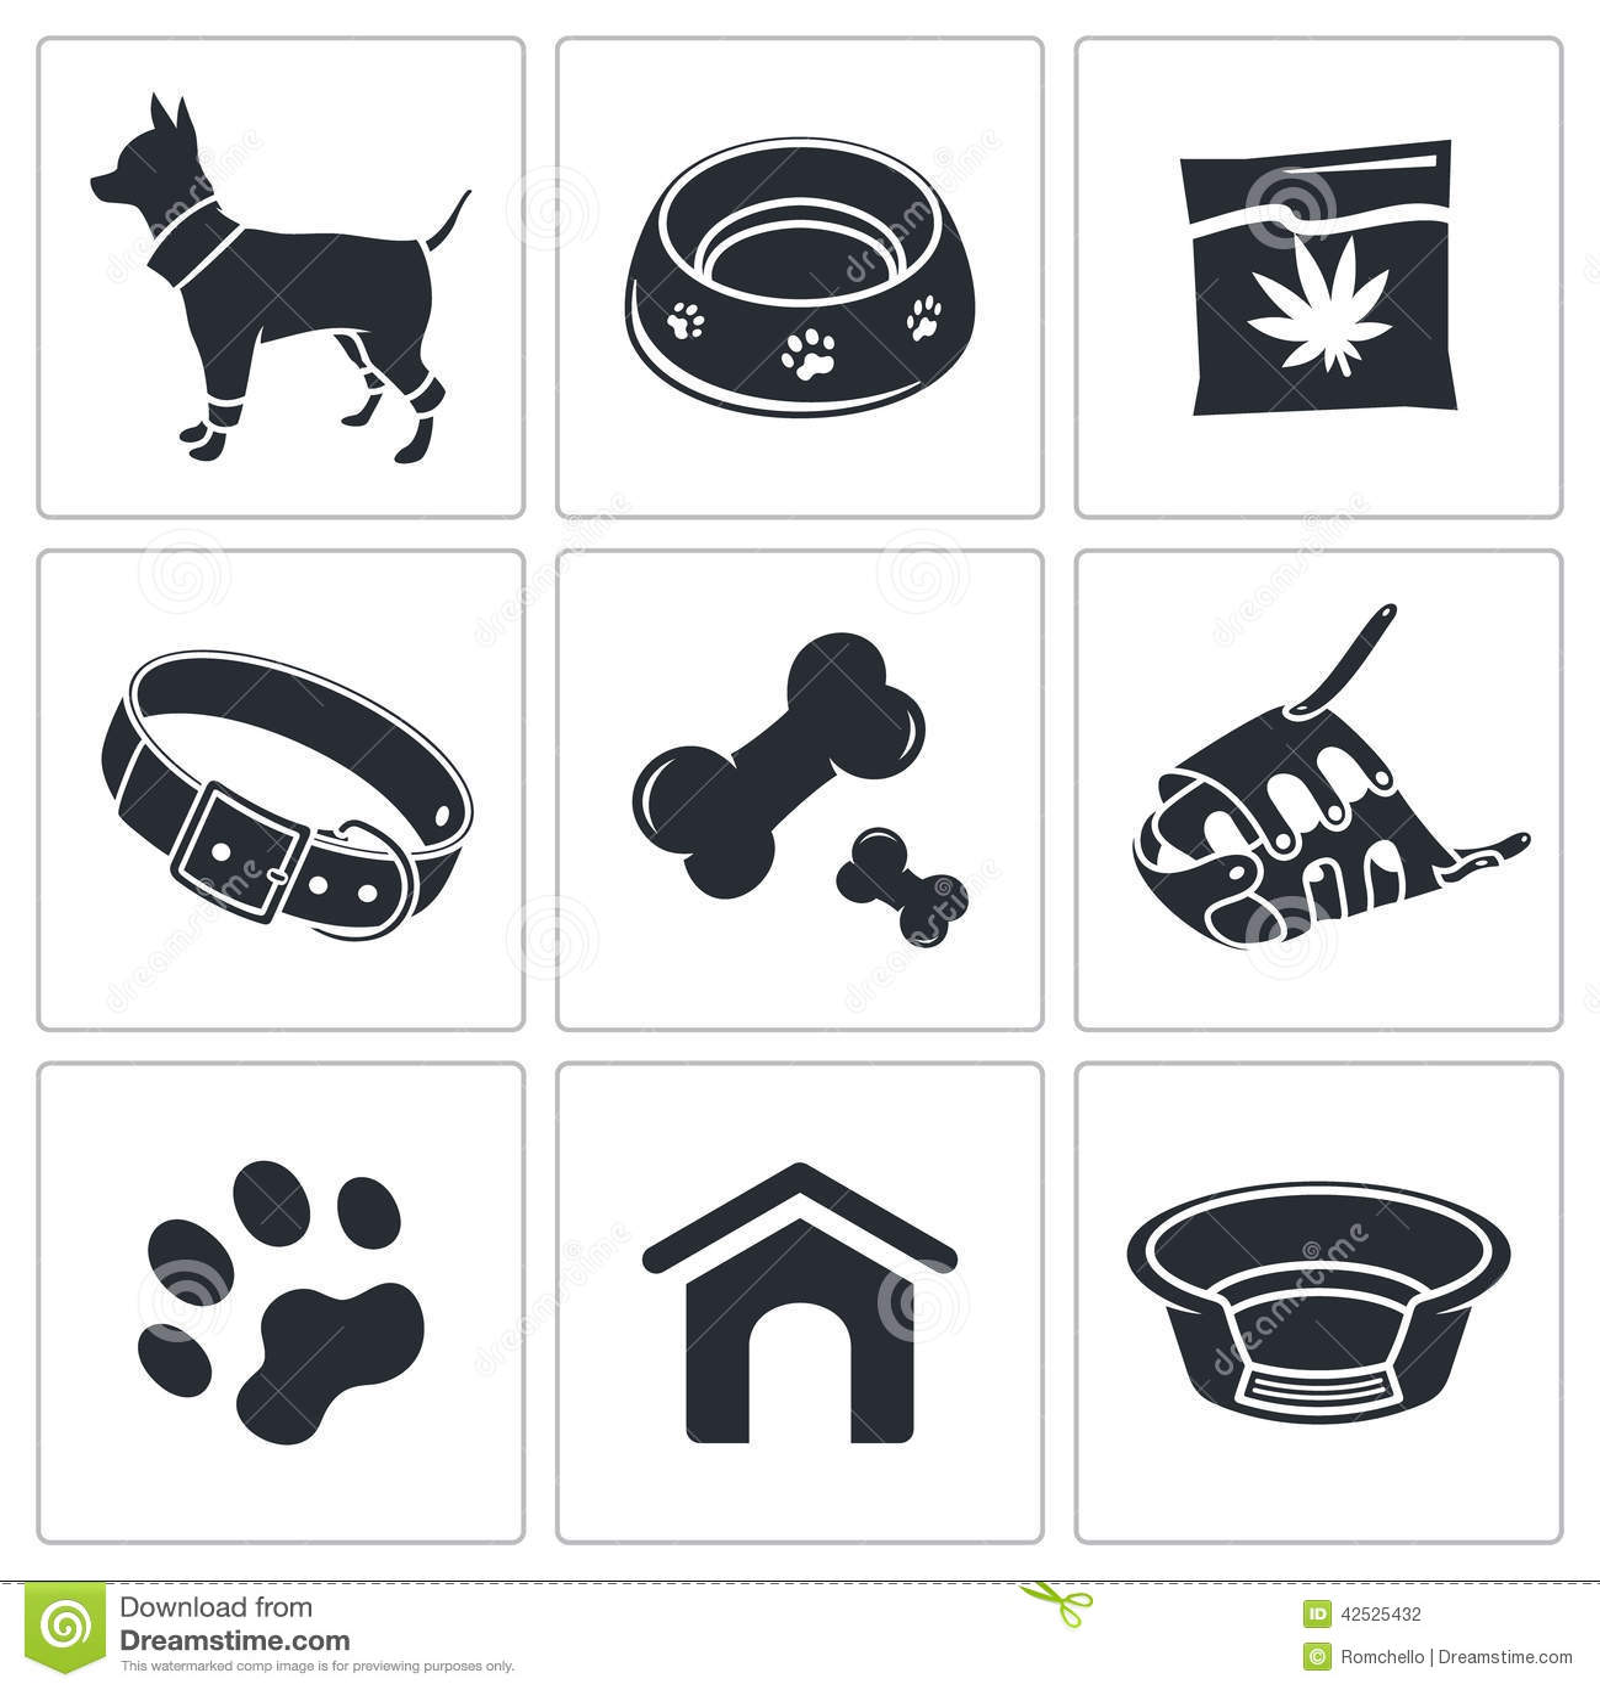 Doggy ikony kolekcja